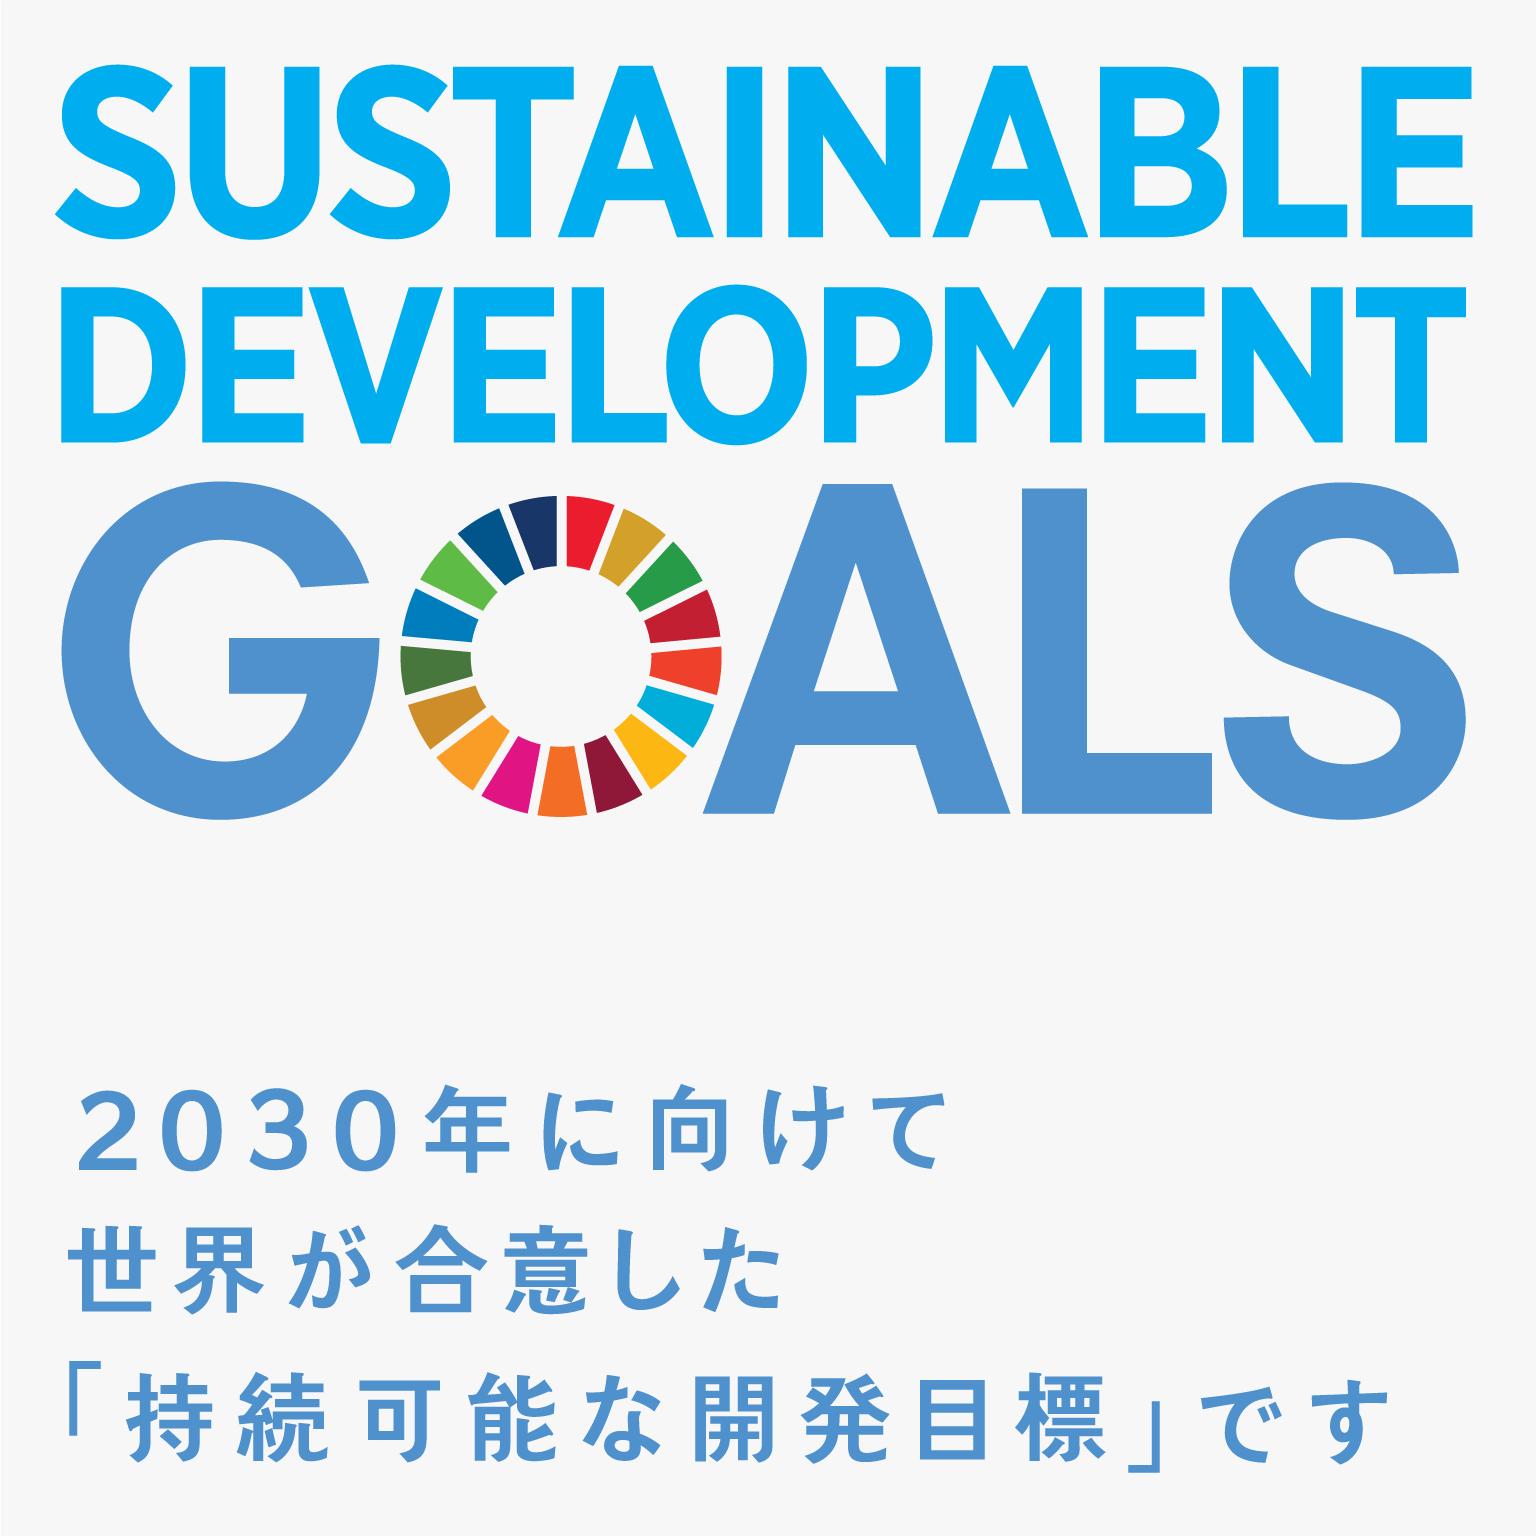 SDGs(SUSTAINABLE DEVELOPMENT GOALS) 2030年に向けて世界が合意した「持続可能な開発目標」です。